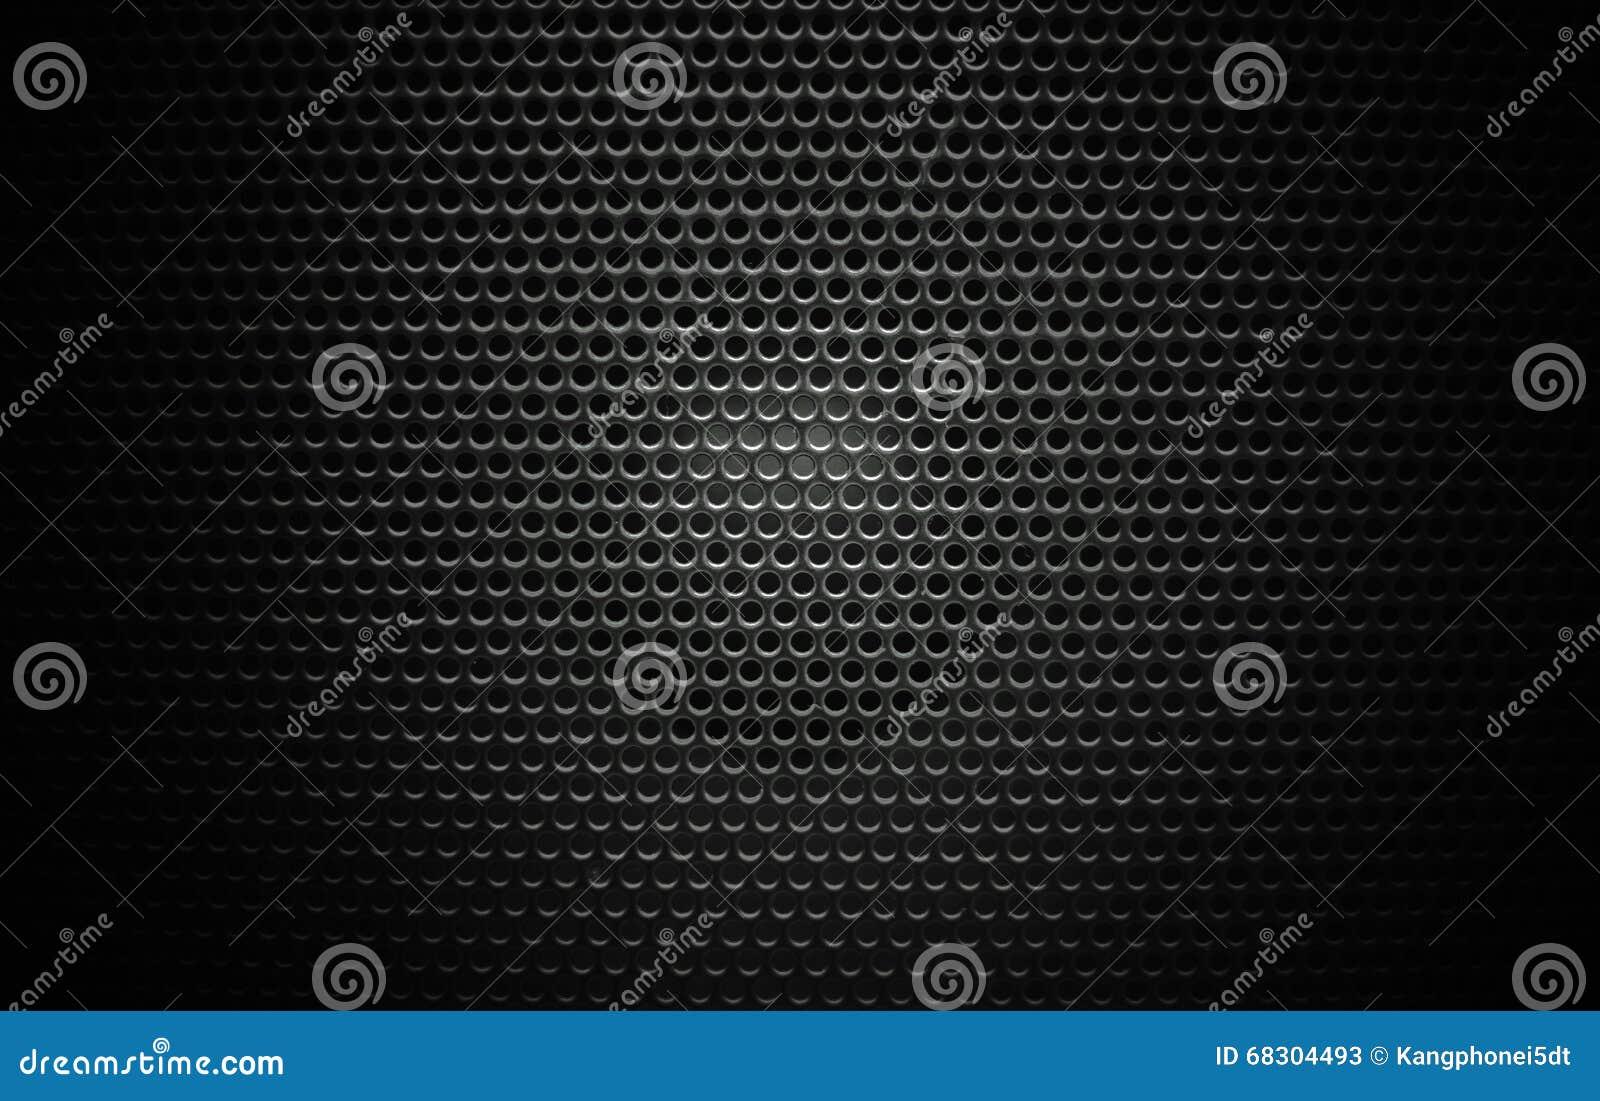 Głośnikowy grill tekstury czerń